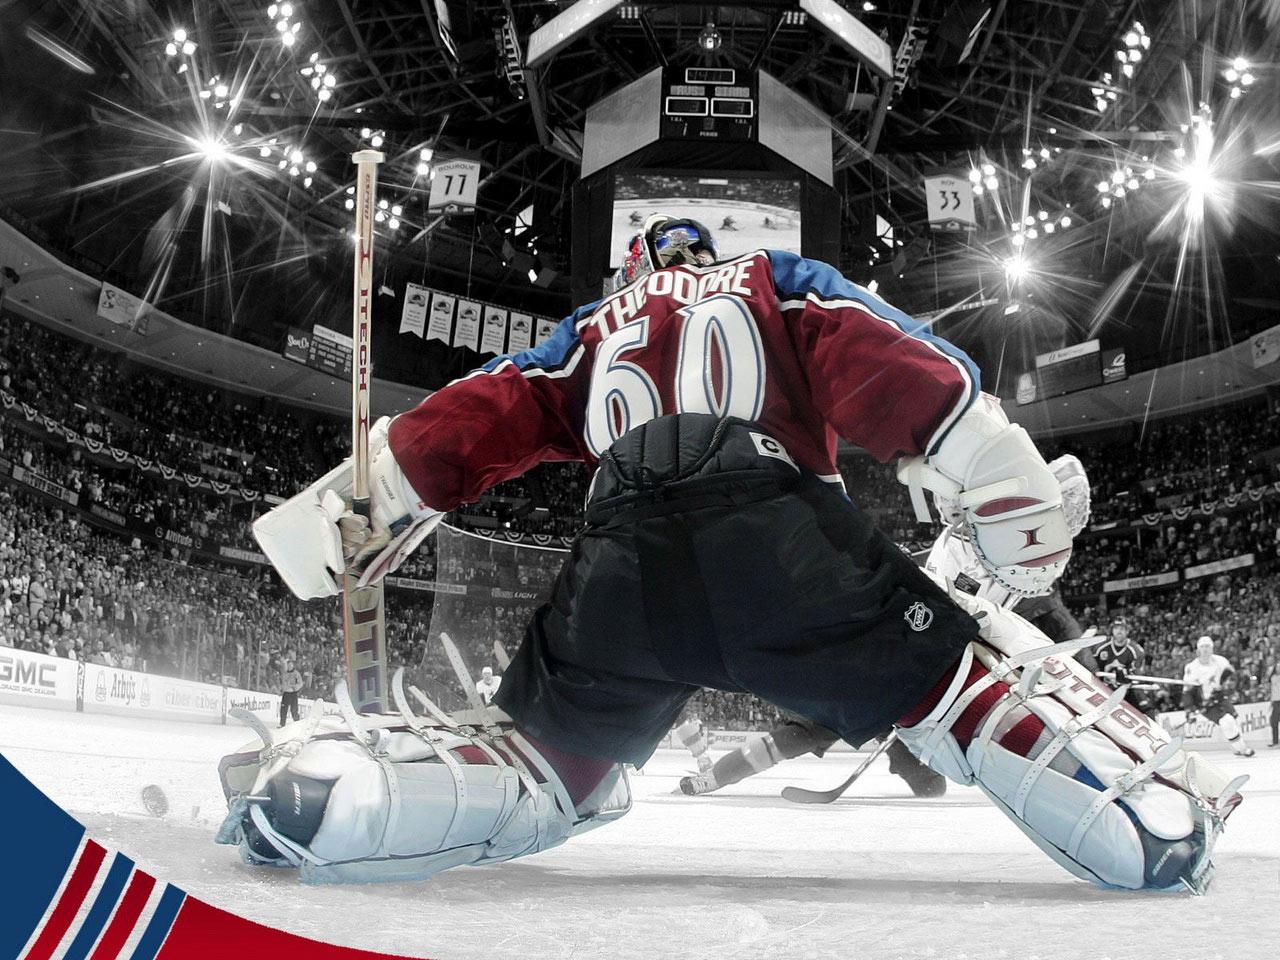 Elva barnett hockey wallpaper hd - Nhl hockey wallpapers ...